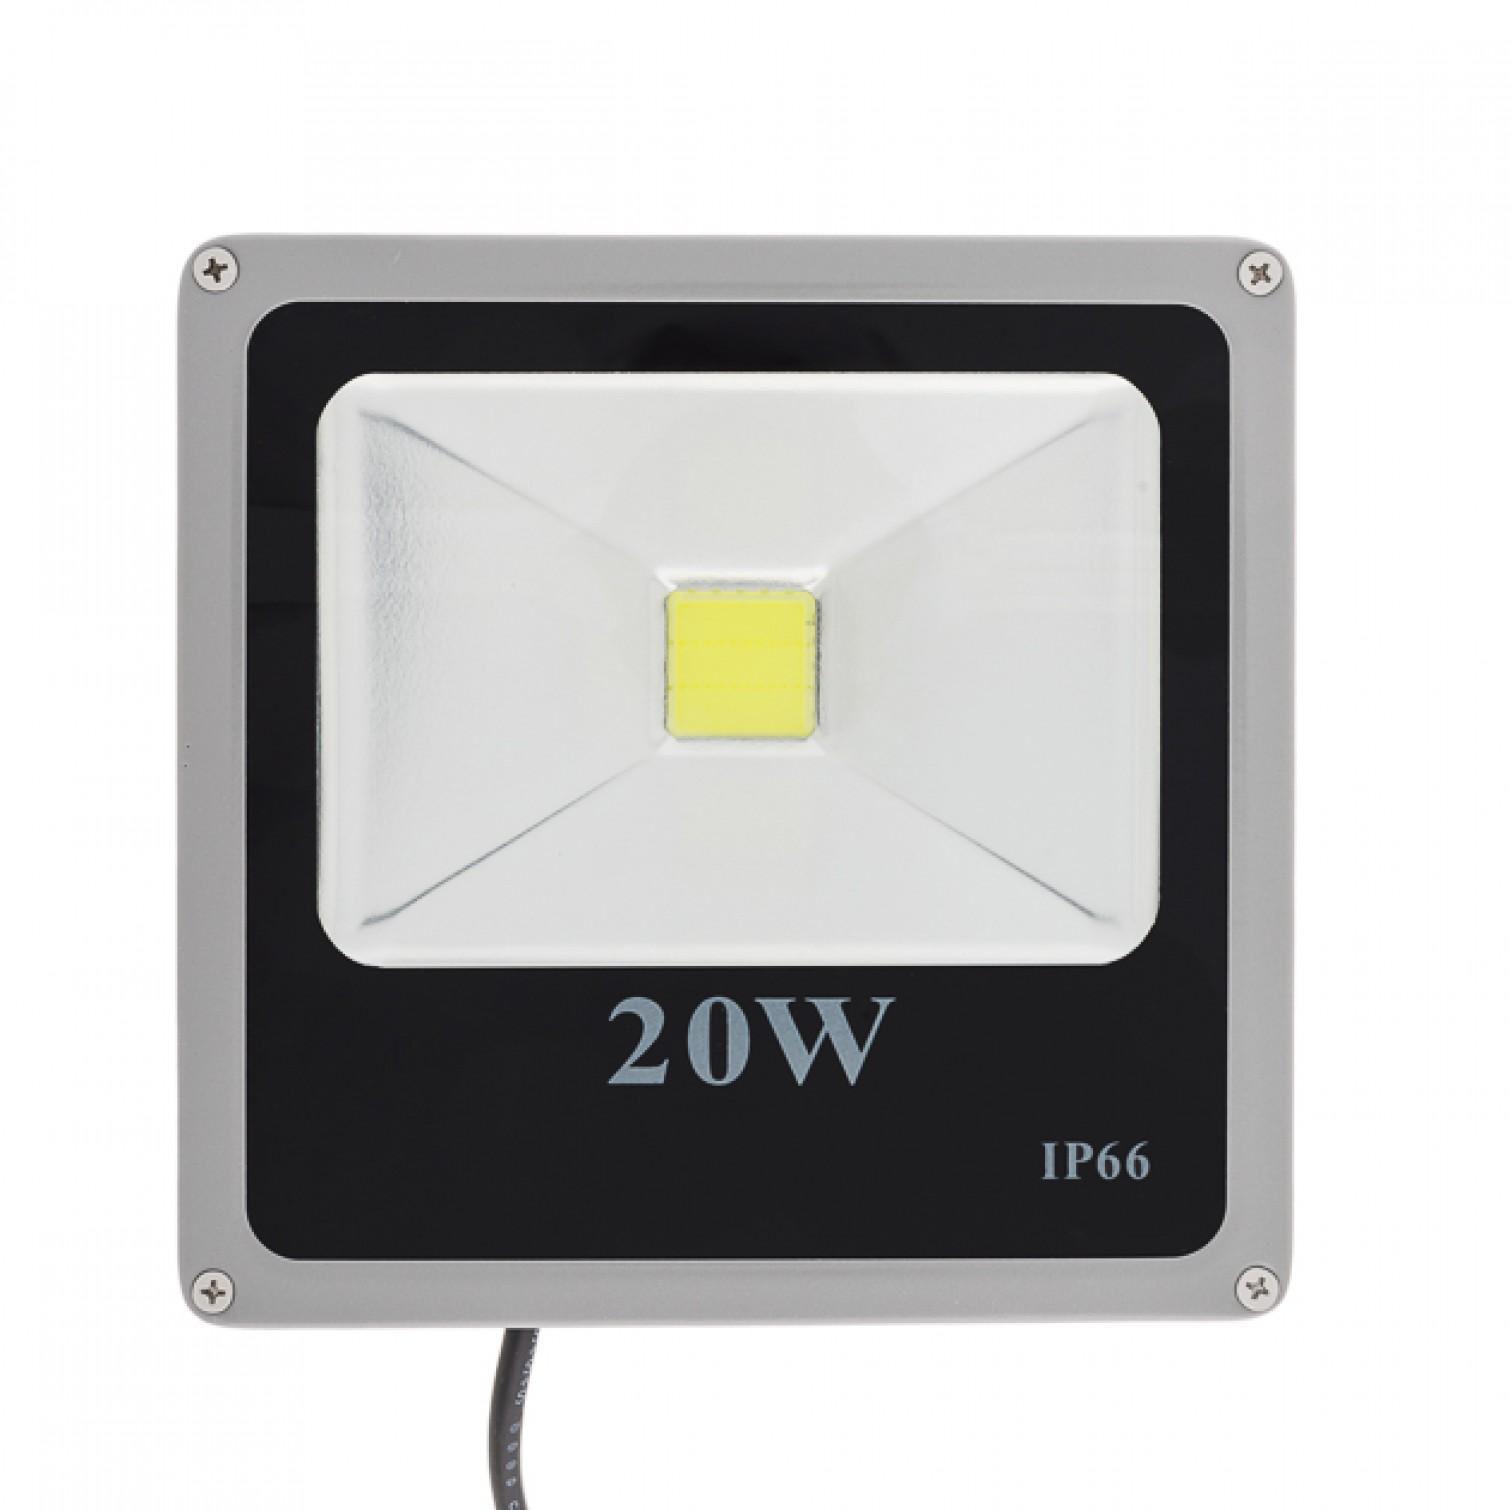 20w Led Odpowiednik: LED FLOODLIGHT M 20W